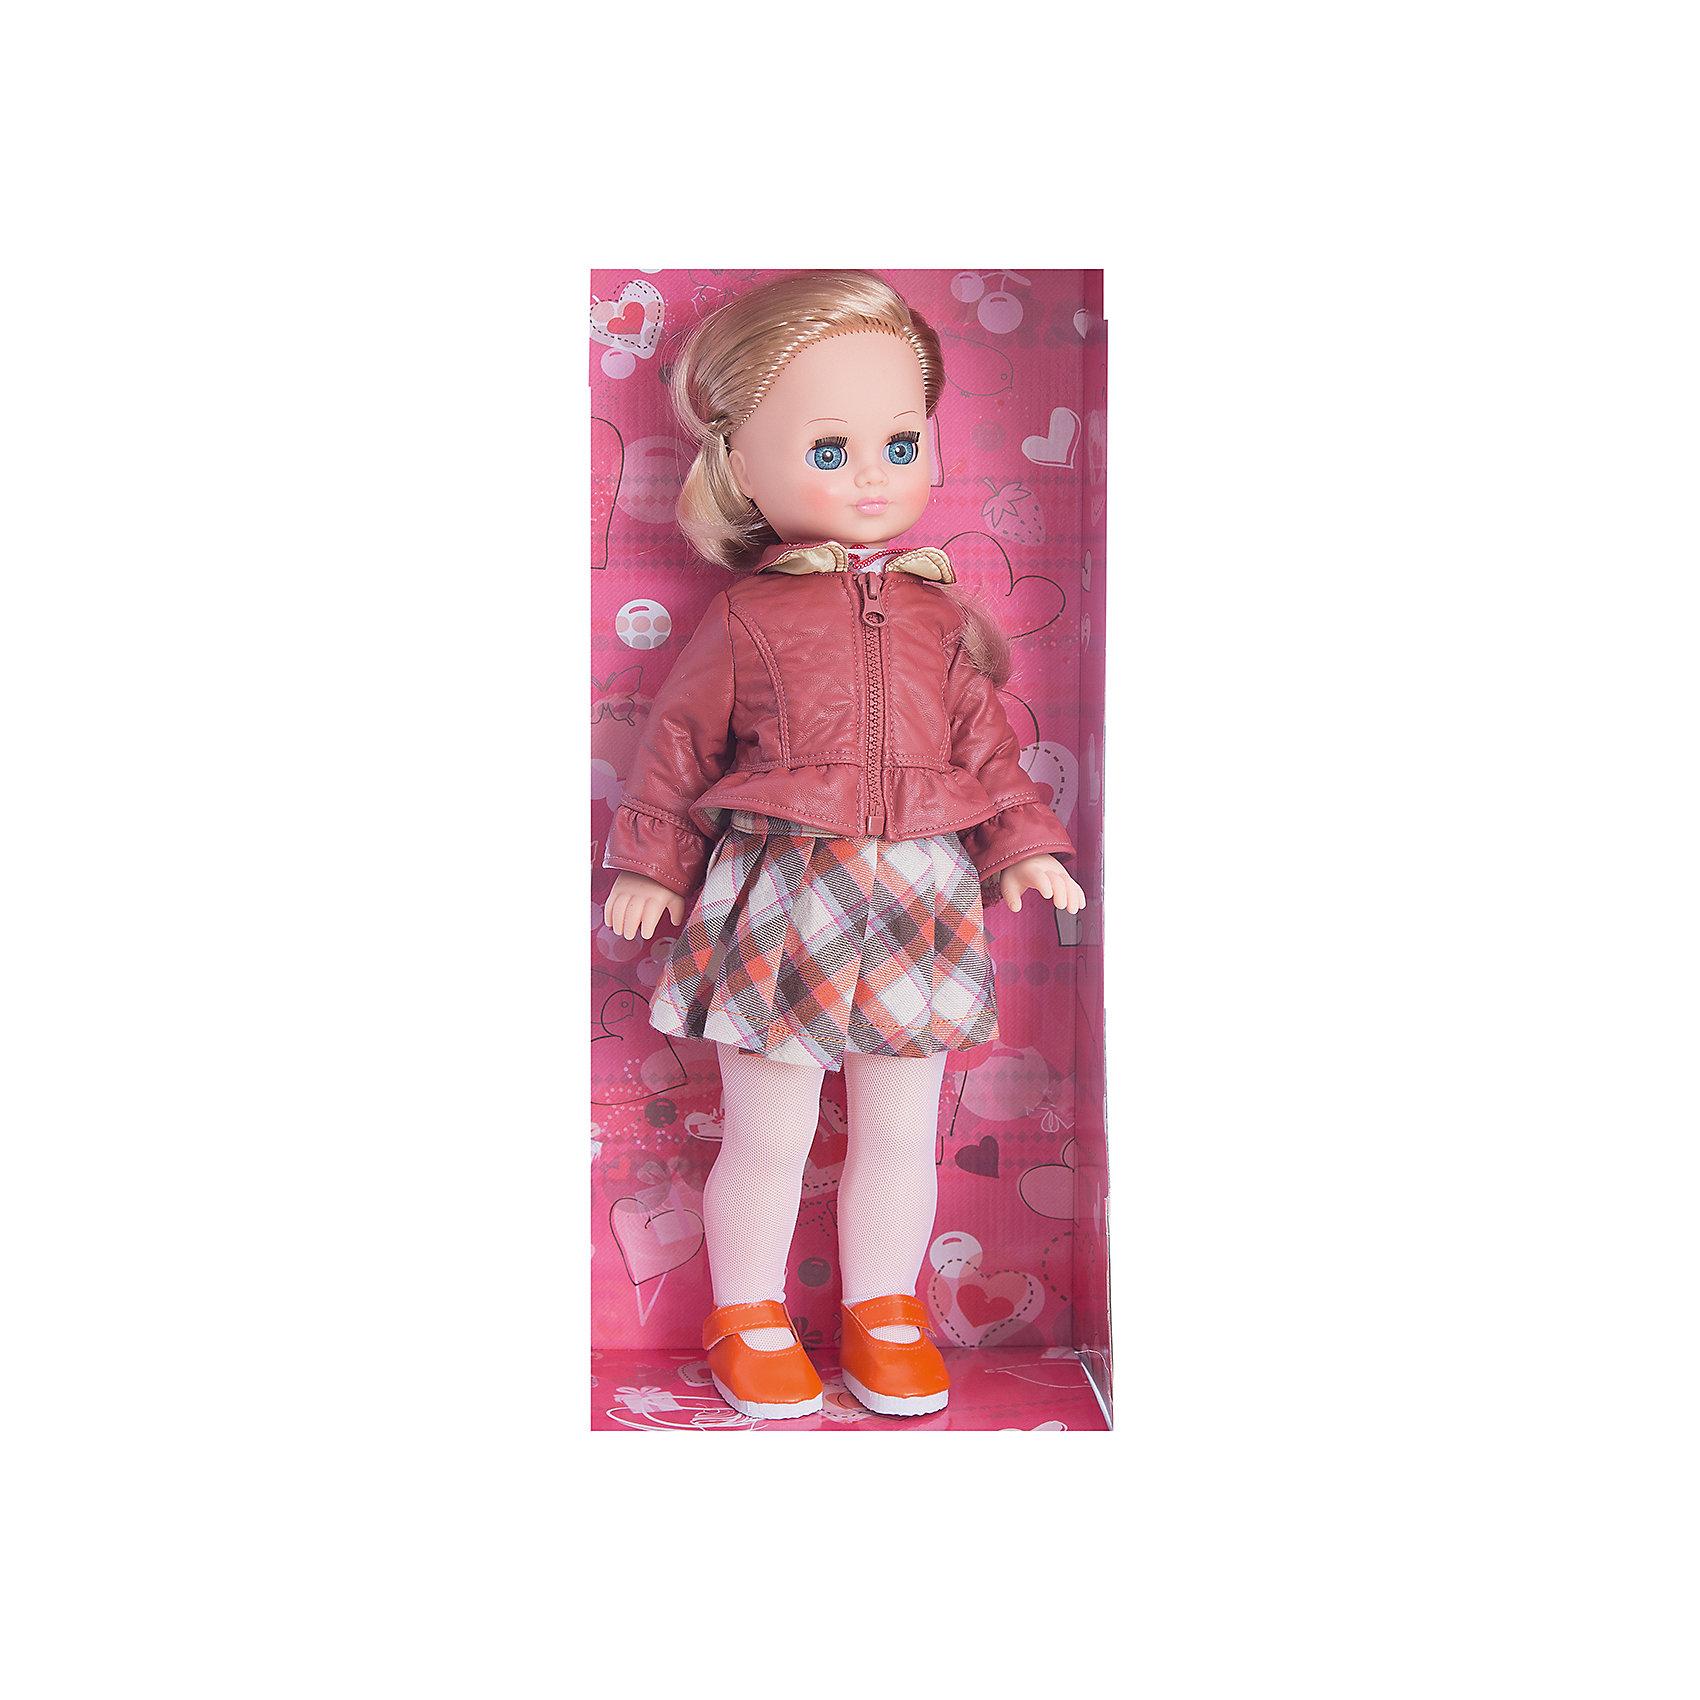 Весна Кукла Лиза 1, со звуком, 42 см, Весна кукла весна инна в куртке со звуком 43 см